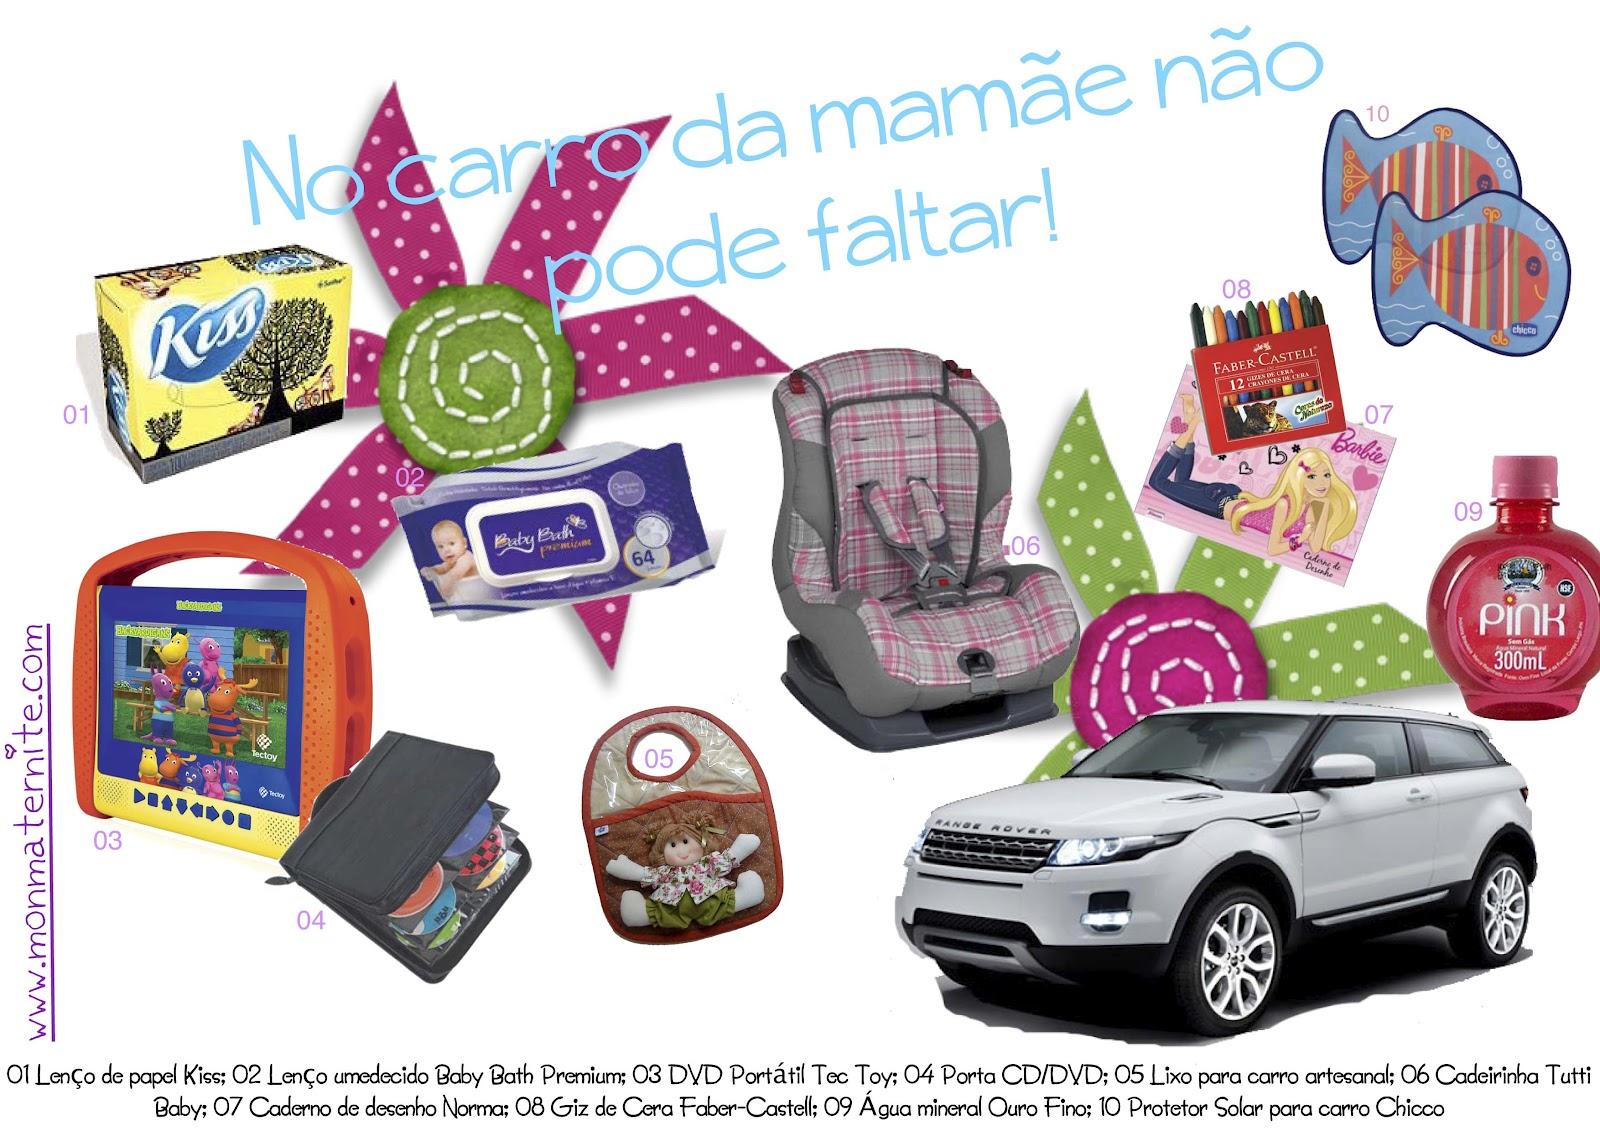 no carro da mamãe blog Mamãe de Salto ==> todos os direitos reservados